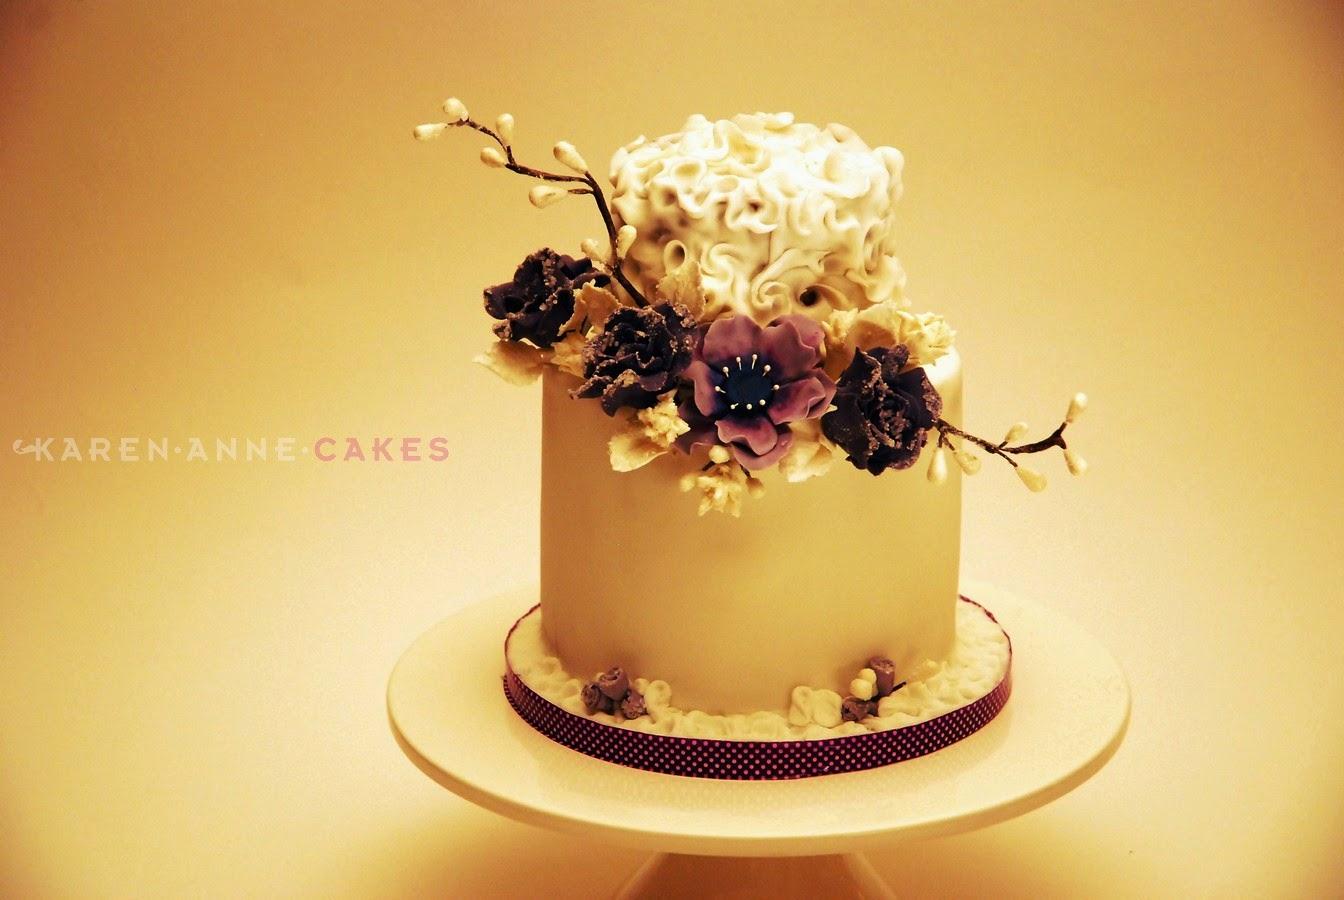 Bruidstaart met suikerbloemen Karen Anne Cakes roosendaal